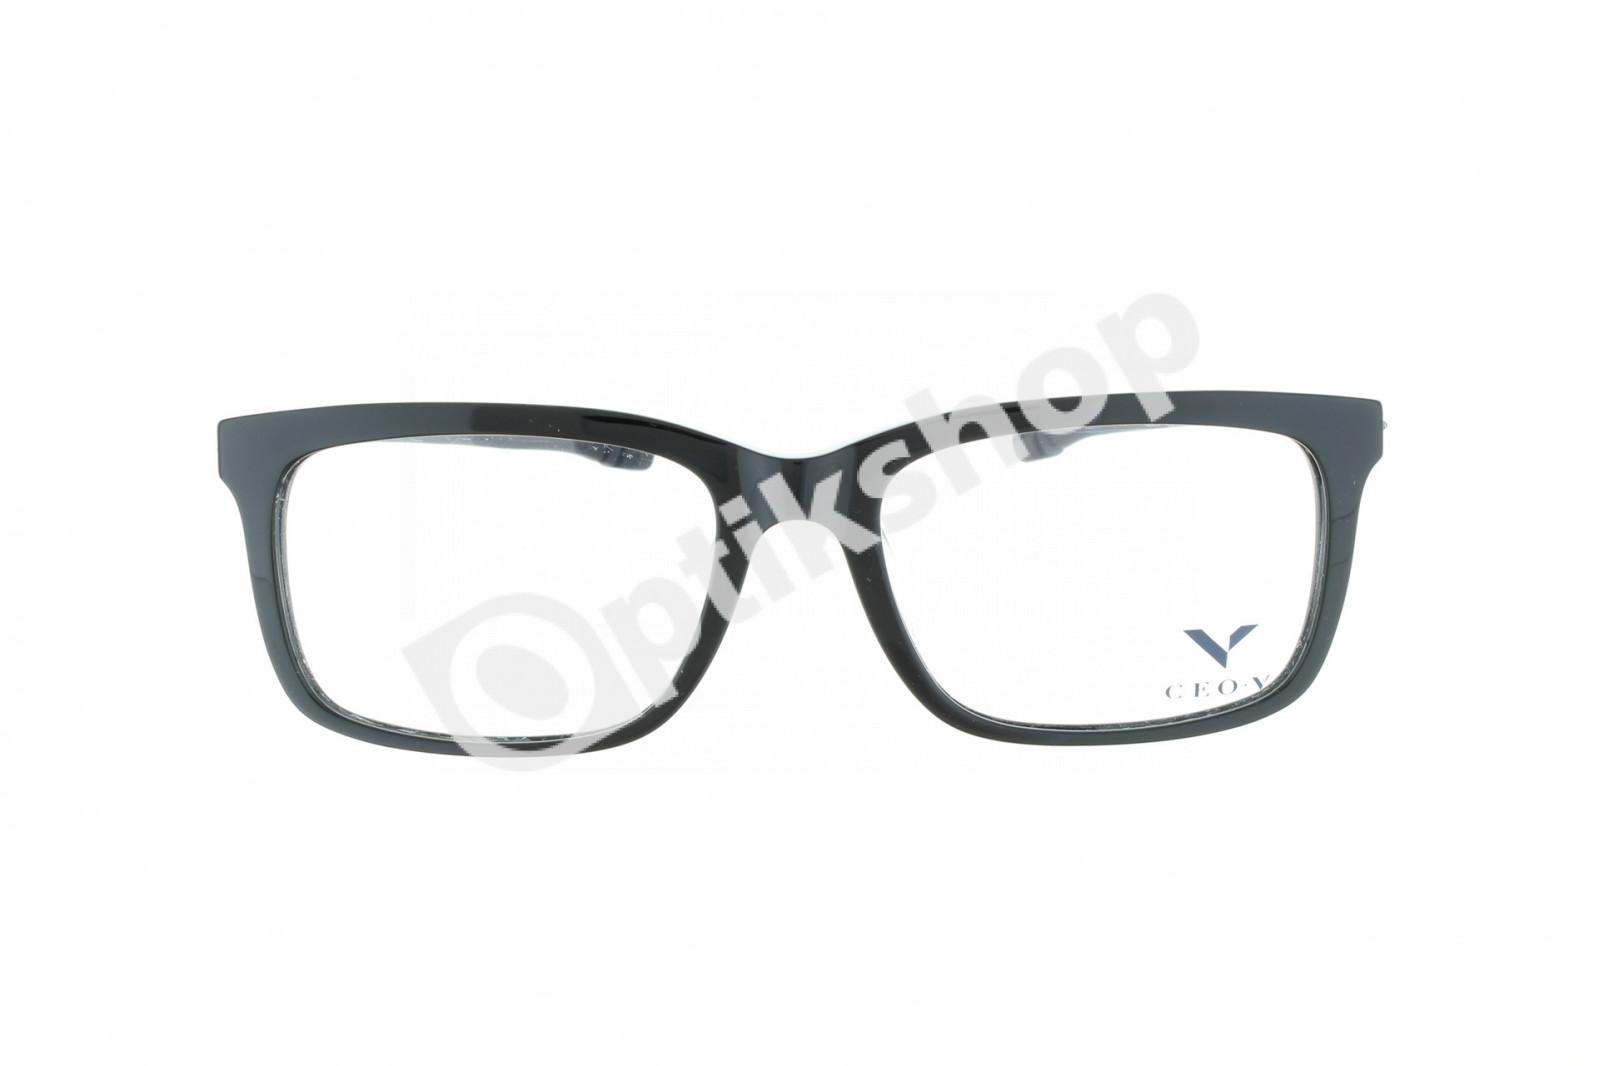 CEO-V - CV 356 BK T9-01 52-18-133 szemüvegkeretek d72b99e527